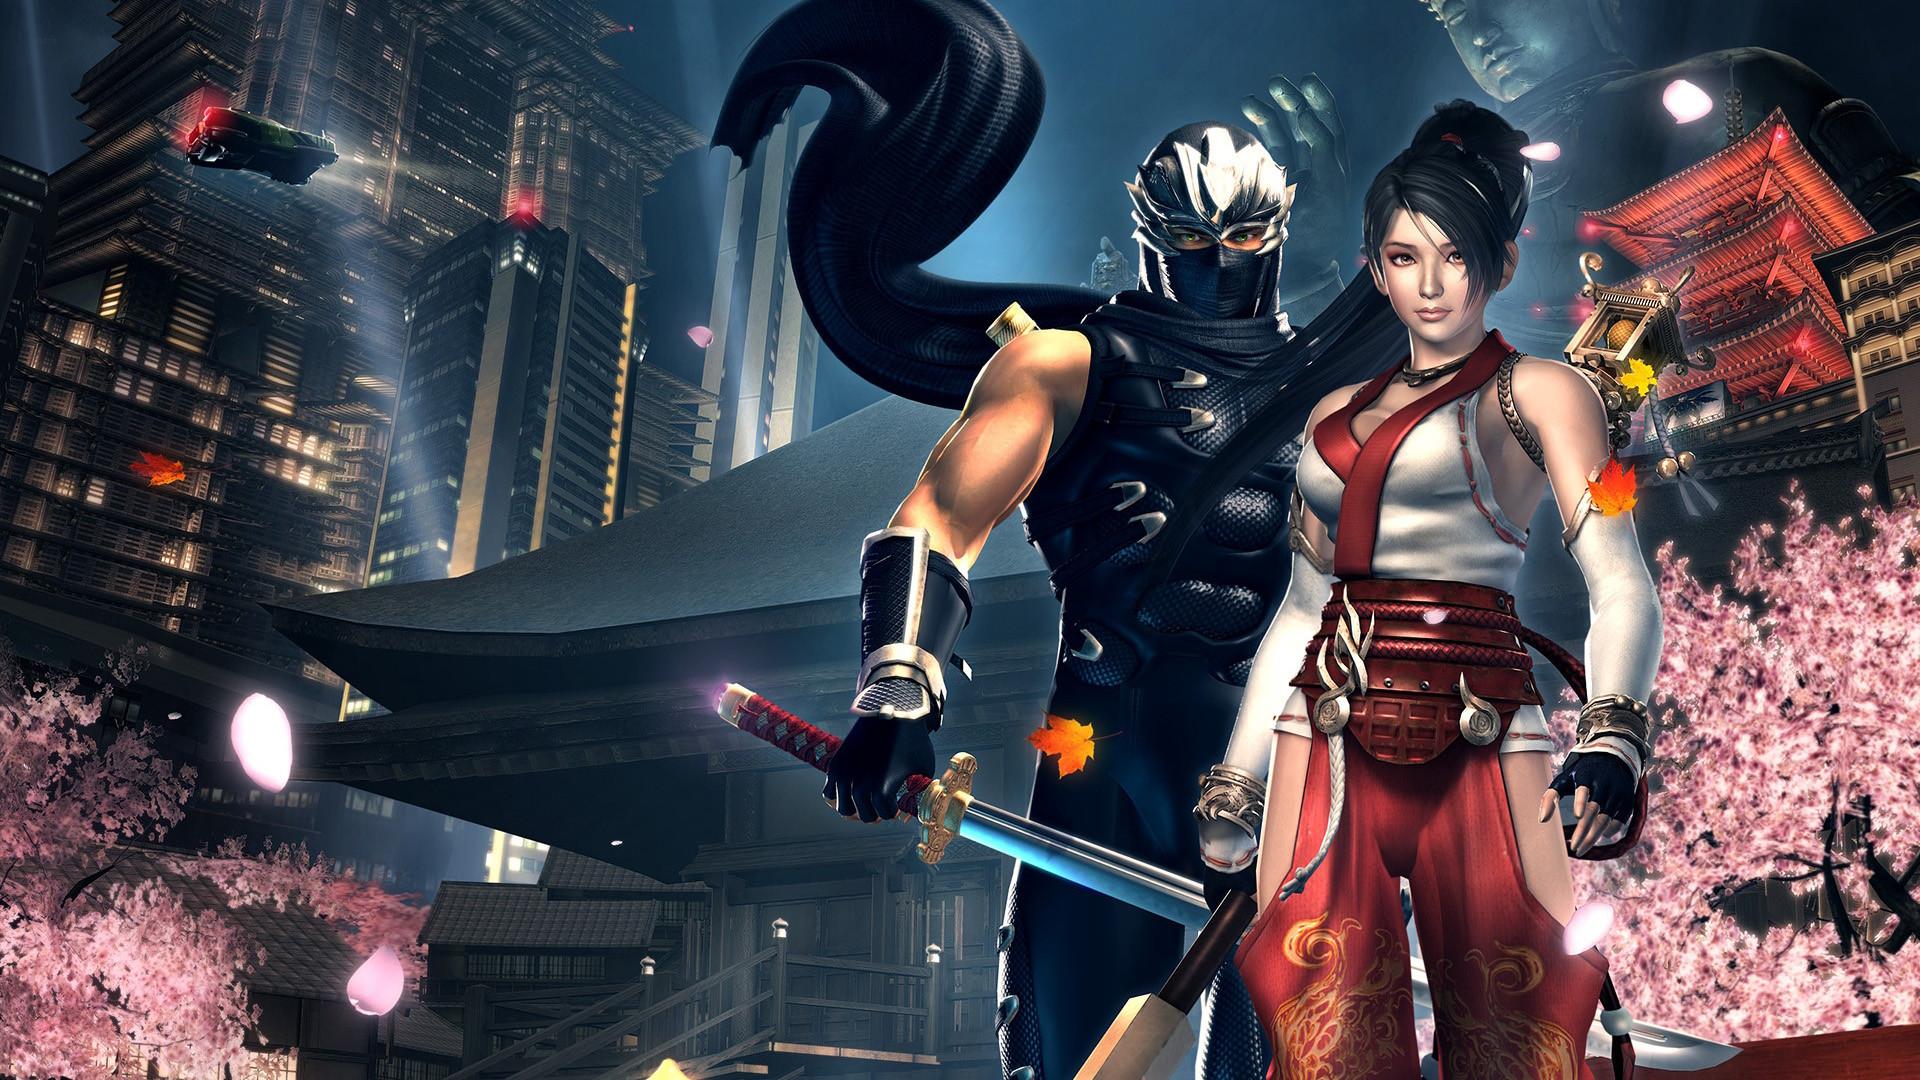 15 Ninja Gaiden Desktop Wallpapers Wppsource